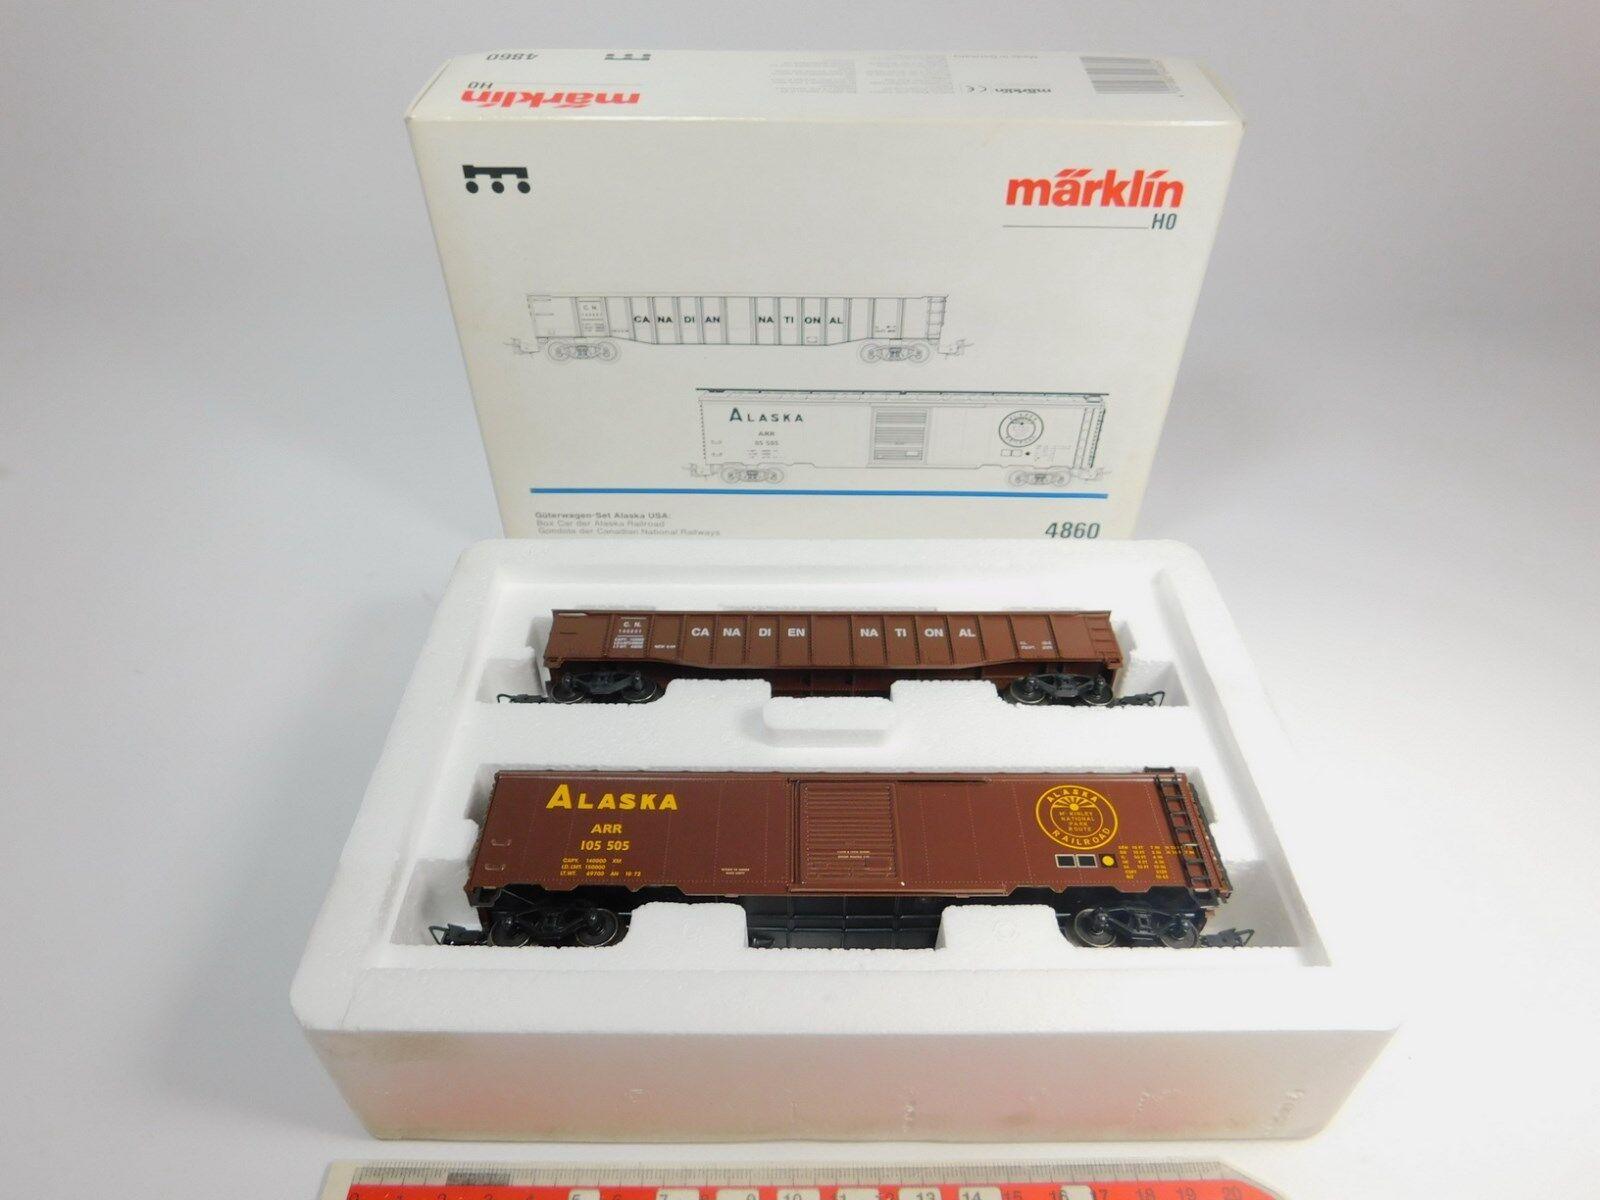 AQ506-1  Märklin H0 AC 4860 US-Güterwagen-Set Alaska  Gondola+Box Car NEUW+OVP